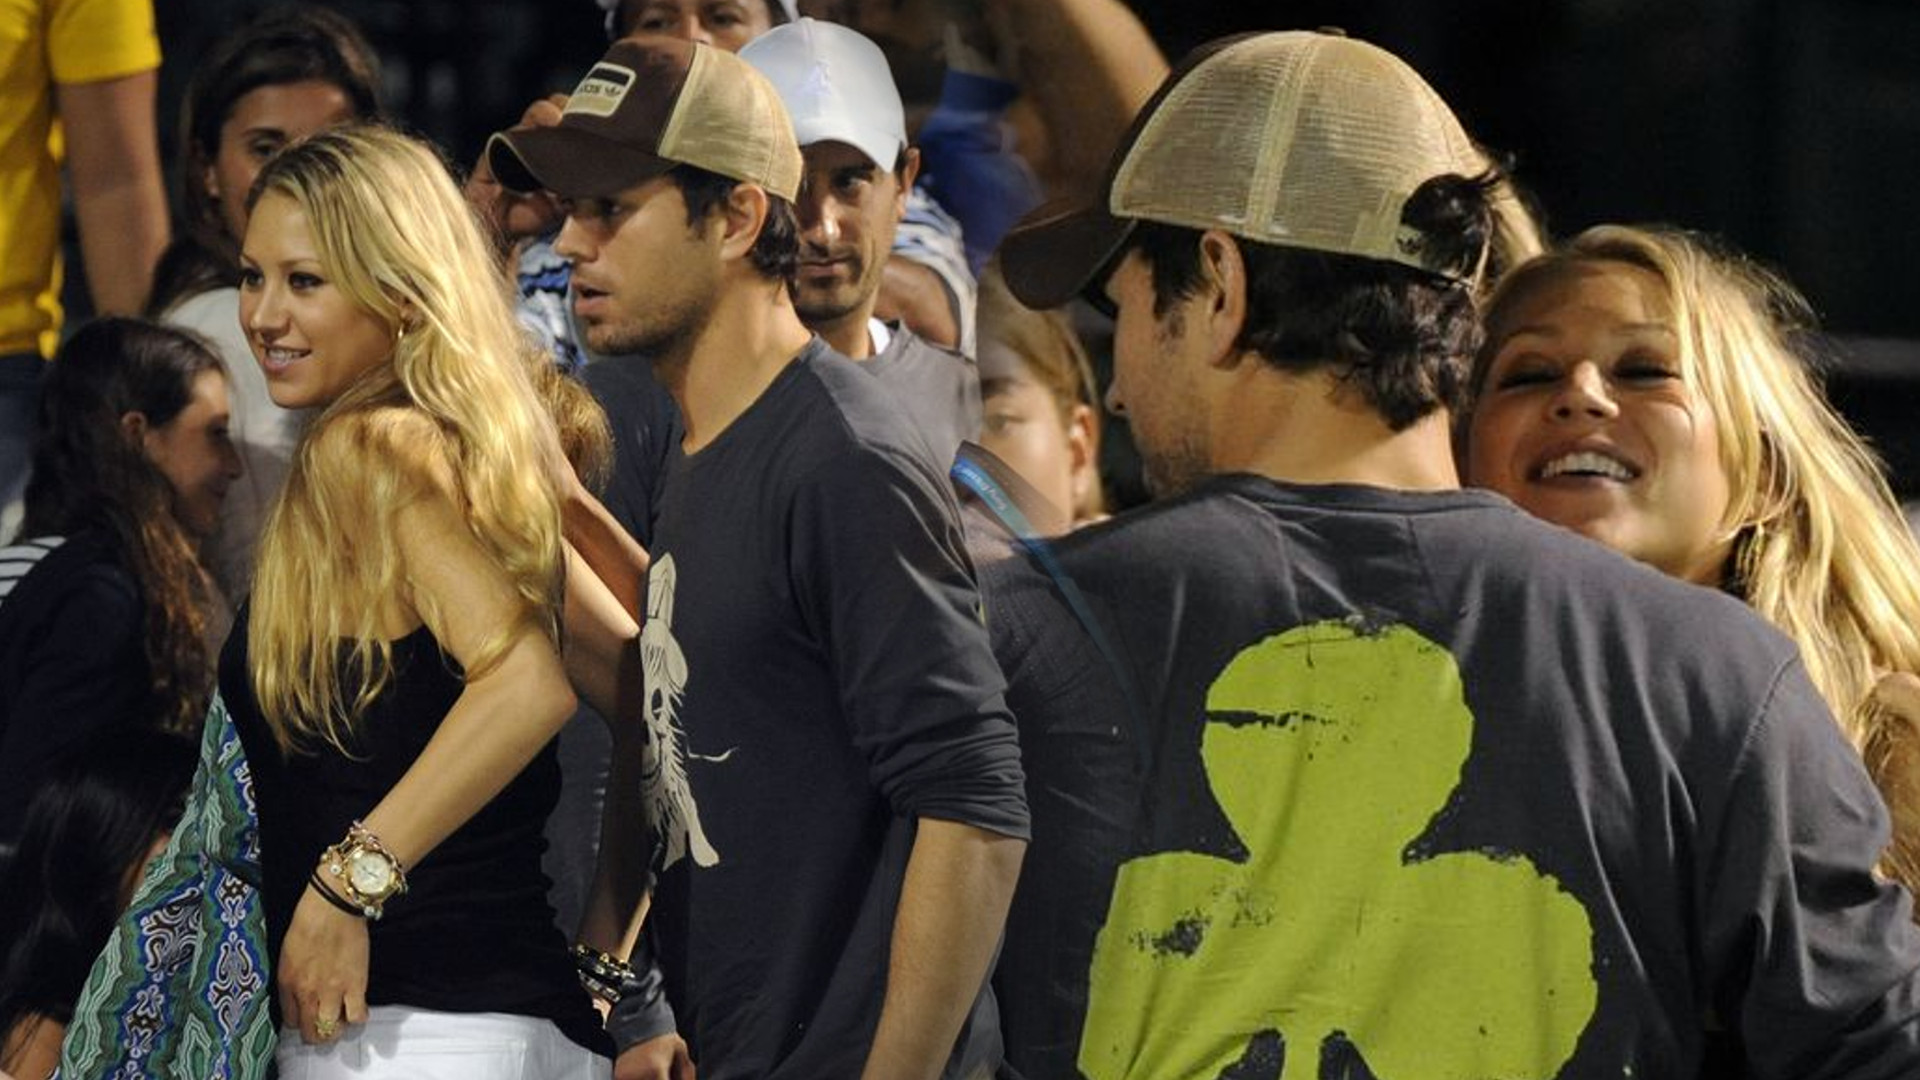 Enrique Iglesias i Anna Kournikova są po ŚLUBIE? Zobaczcie, co pojawiło się na Instagramie tenisistki